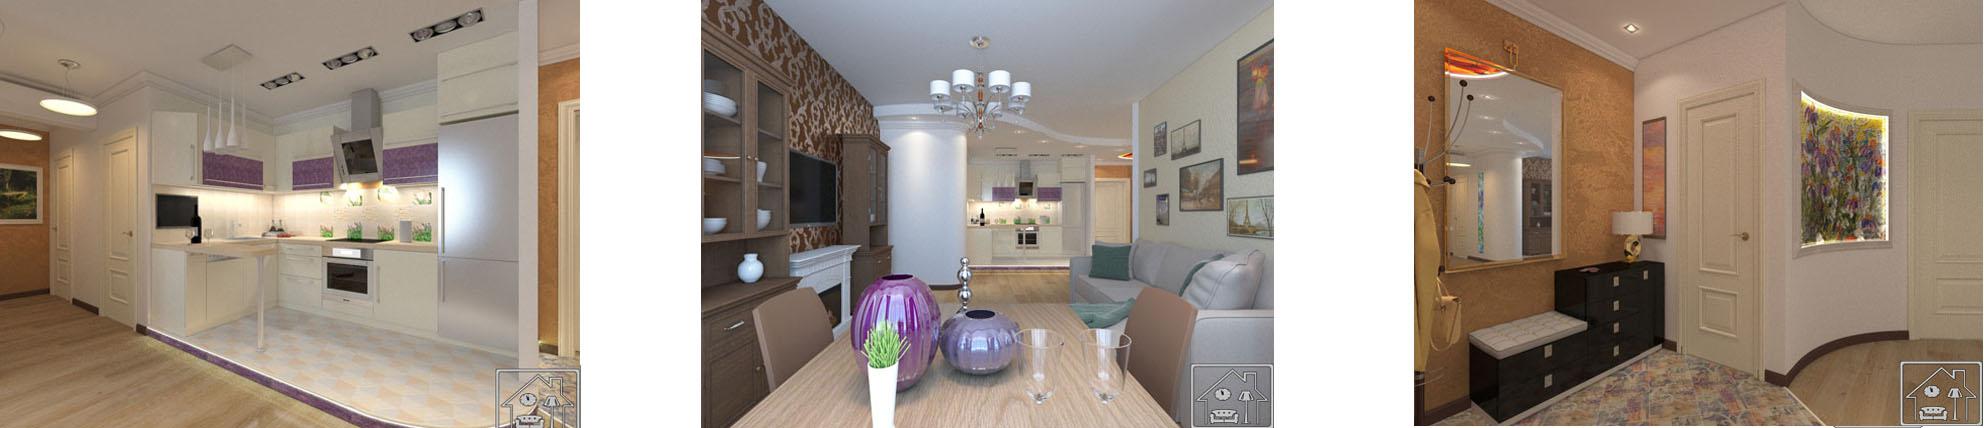 гостиная с кухней 1